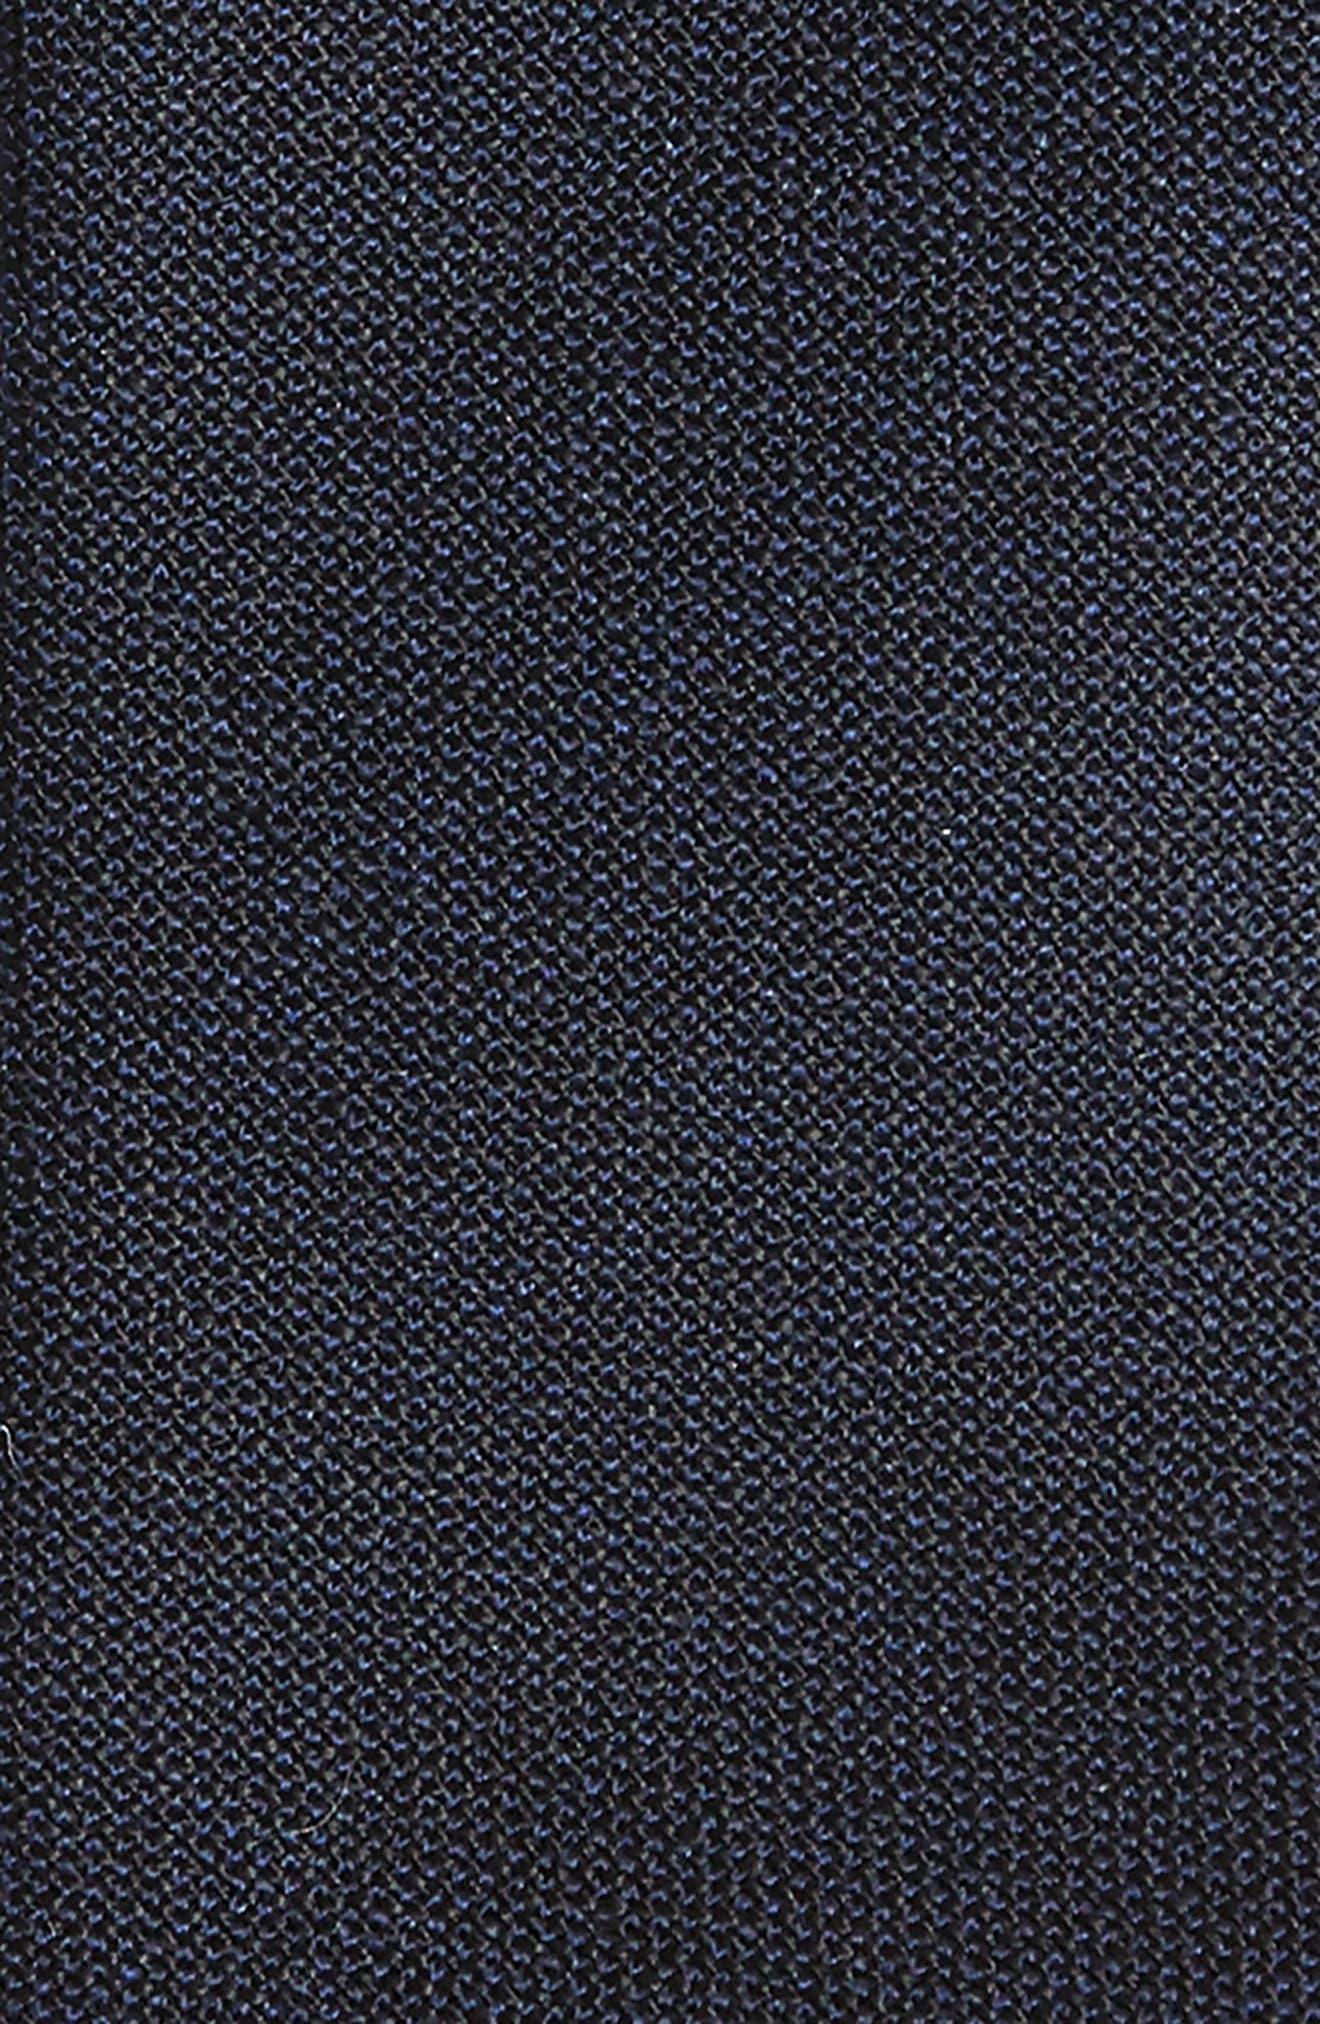 Jaspé Wool Skinny Tie,                             Alternate thumbnail 8, color,